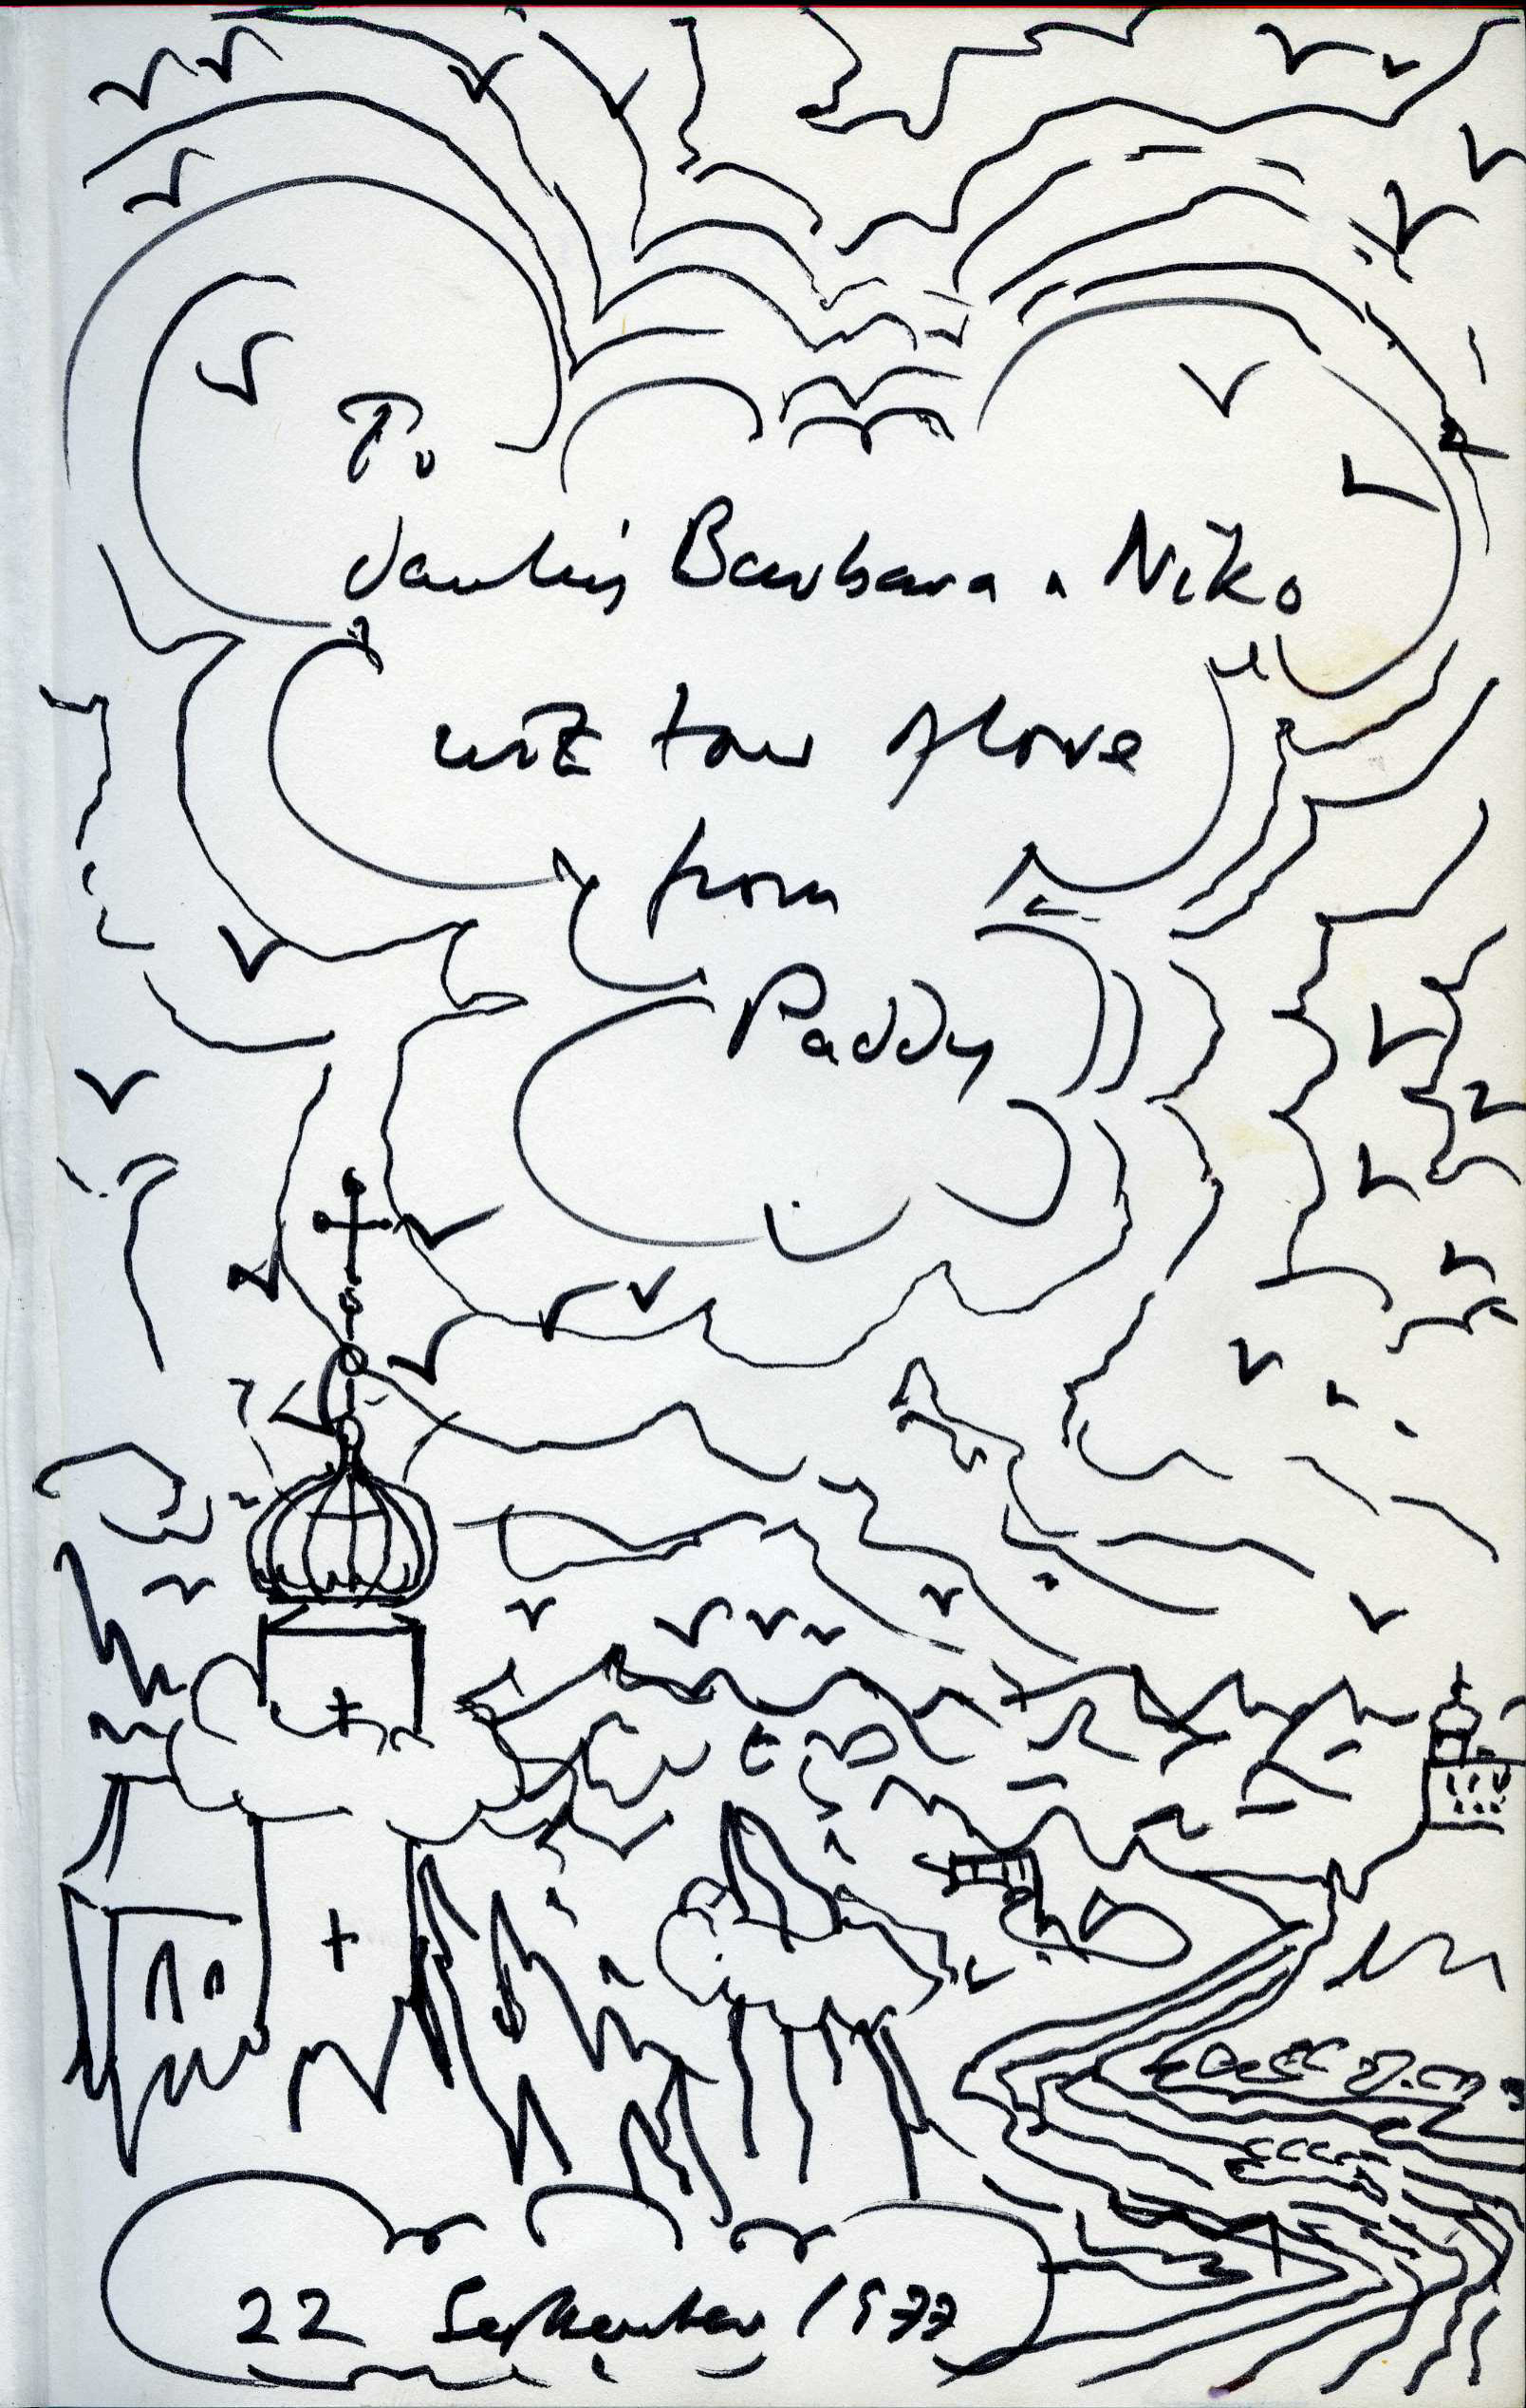 Εξώφυλλο από τον John Craxton, στο οποίο εικονίζεται ο ίδιος, Αφιέρωση του Patrick Leigh Fermor στην Barbara και τον Νίκο Γκίκα στο βιβλίο του A Time of Gifts, 22 Σεπτεμβρίου 1977 Μουσείο Μπενάκη — Πινακοθήκη Γκίκα, Βιβλιοθήκη, Αθήνα